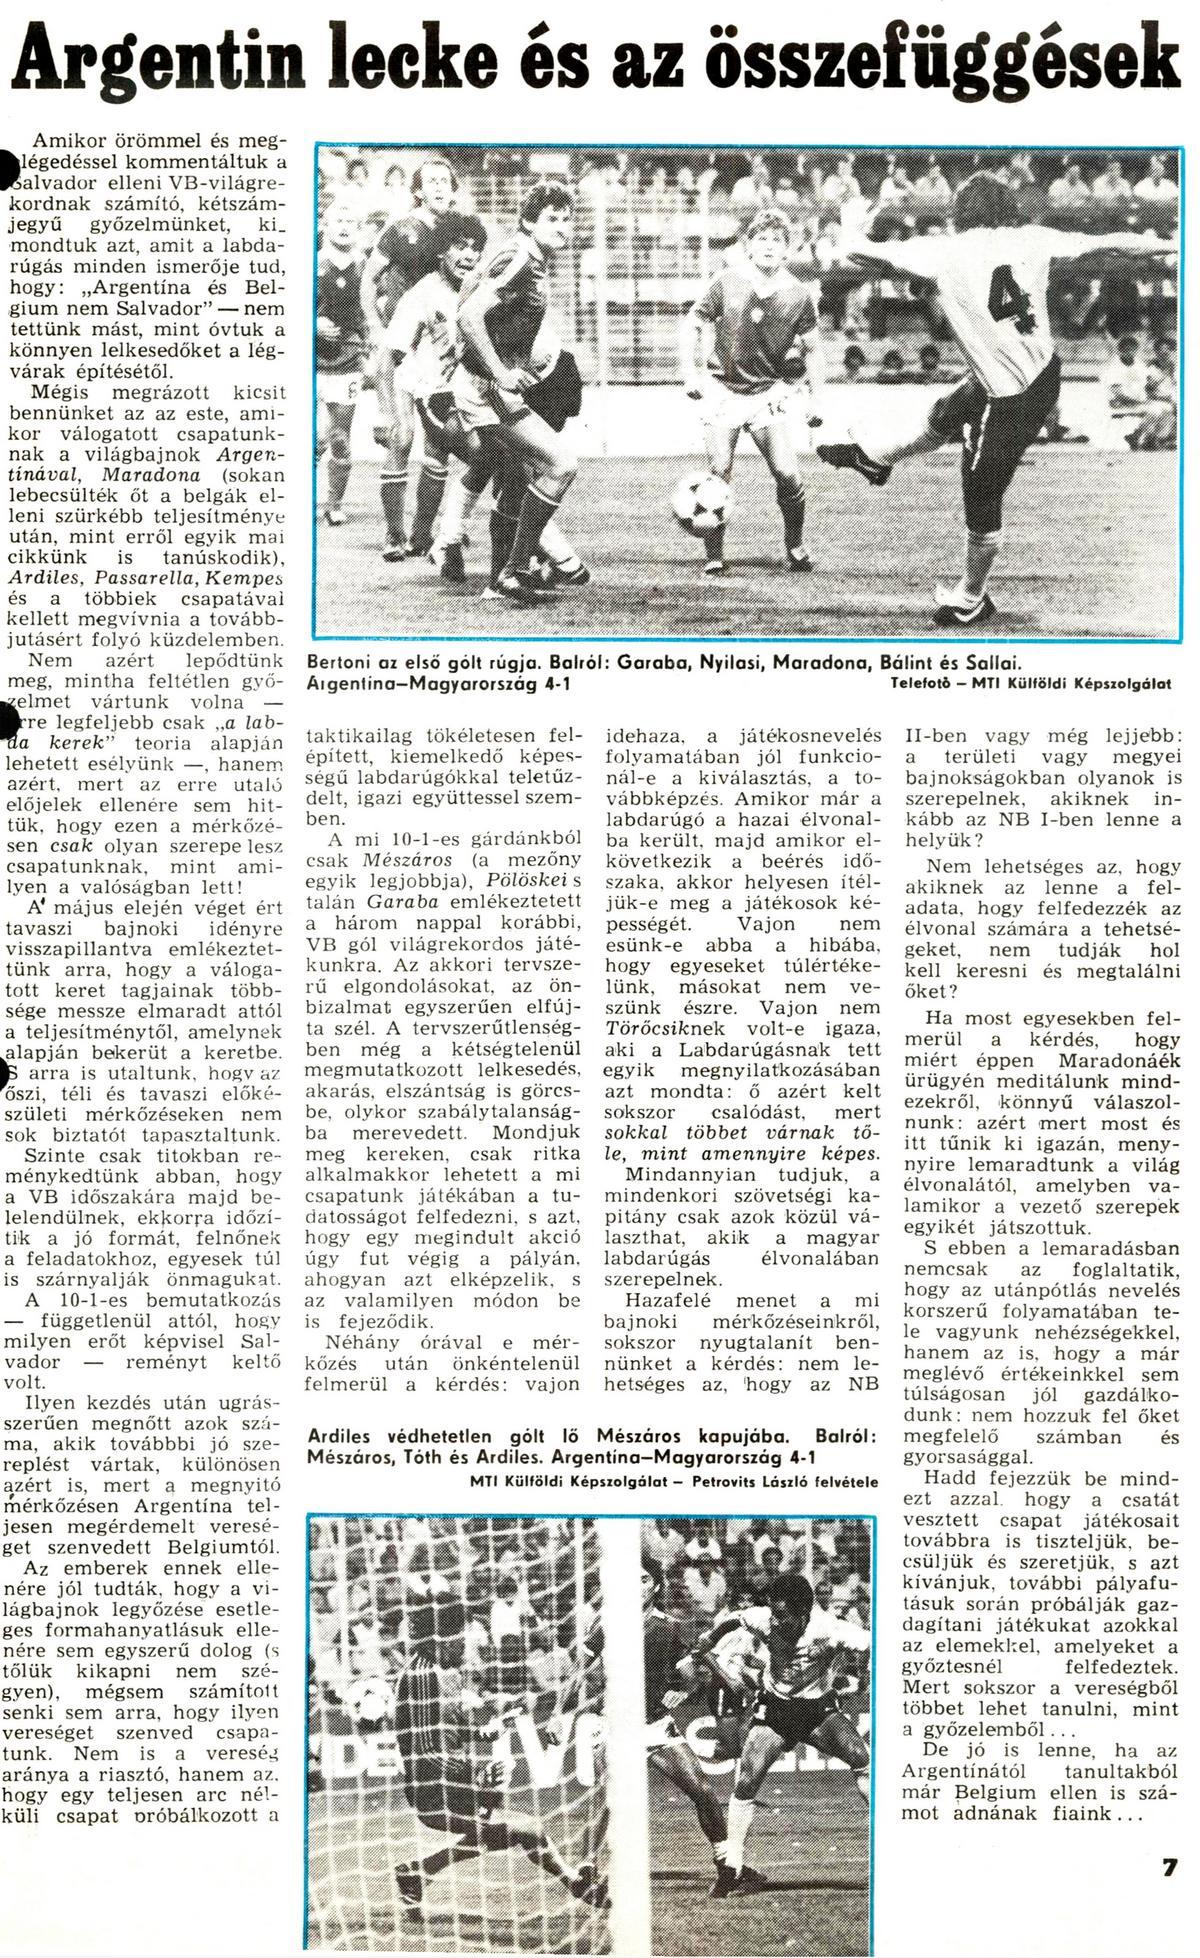 Labdarugas-1982-06-0007-19820618